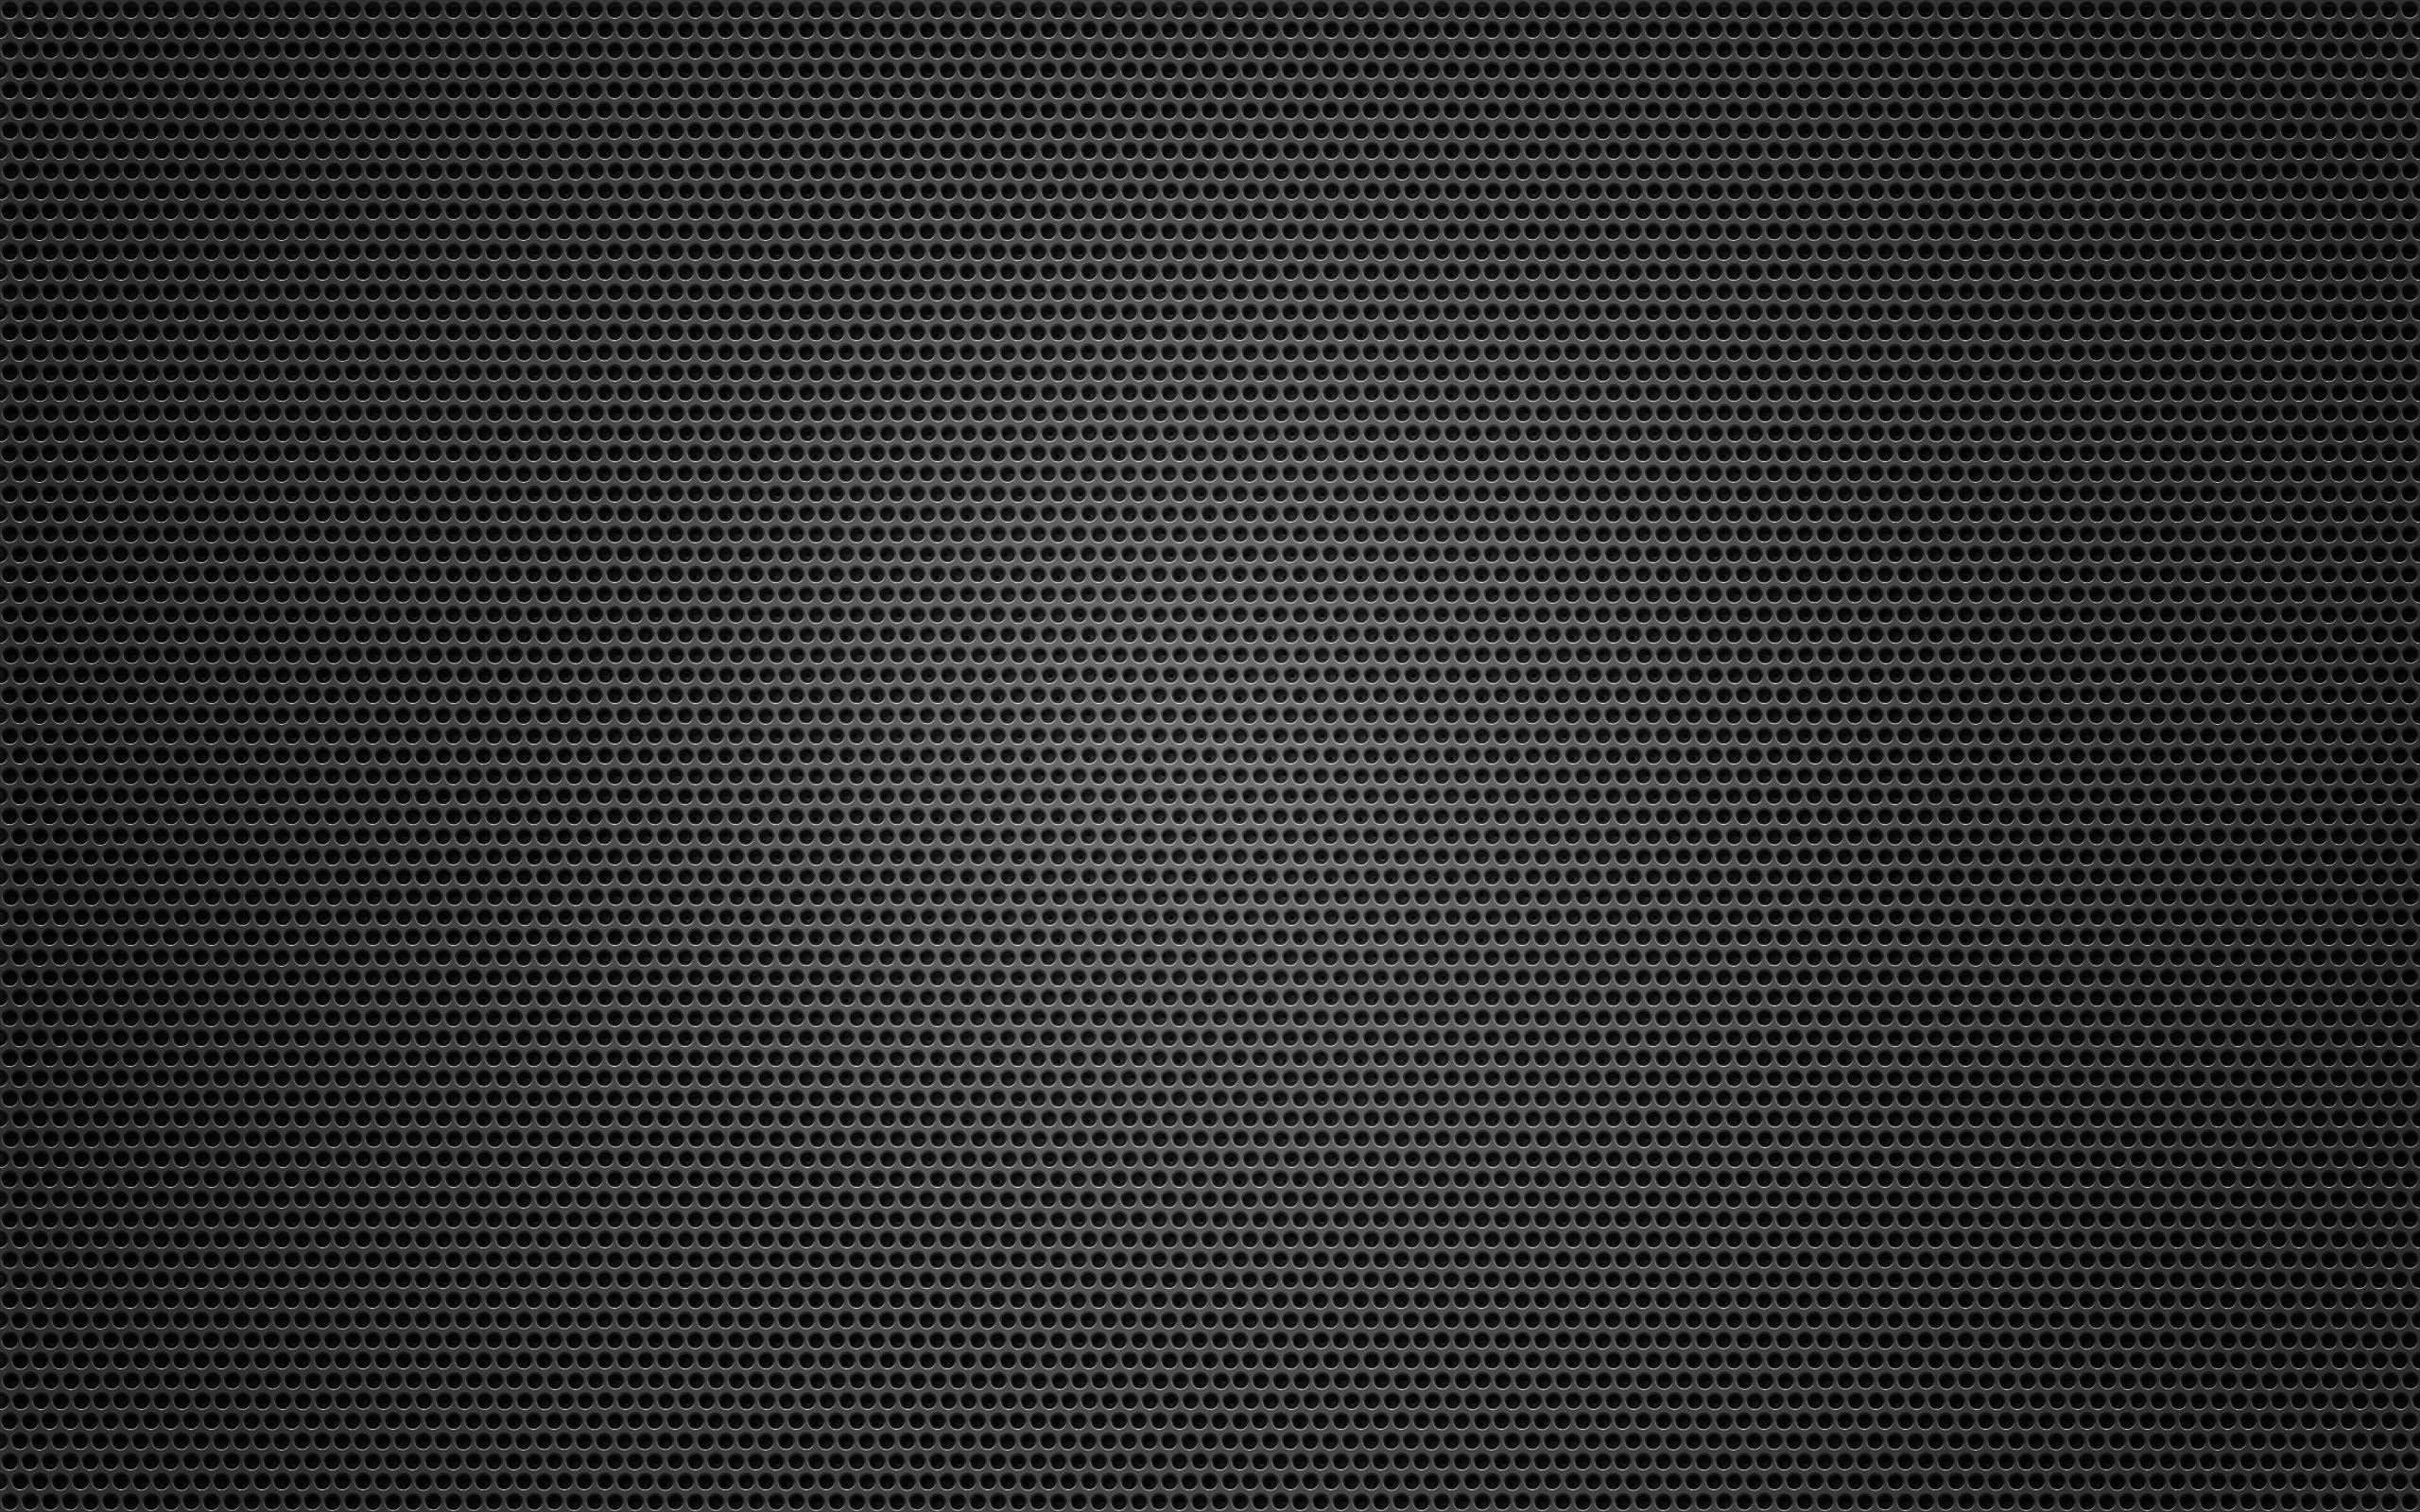 Background image black - Black Background Metal Hole Black Background Metal Hole Wallpaper